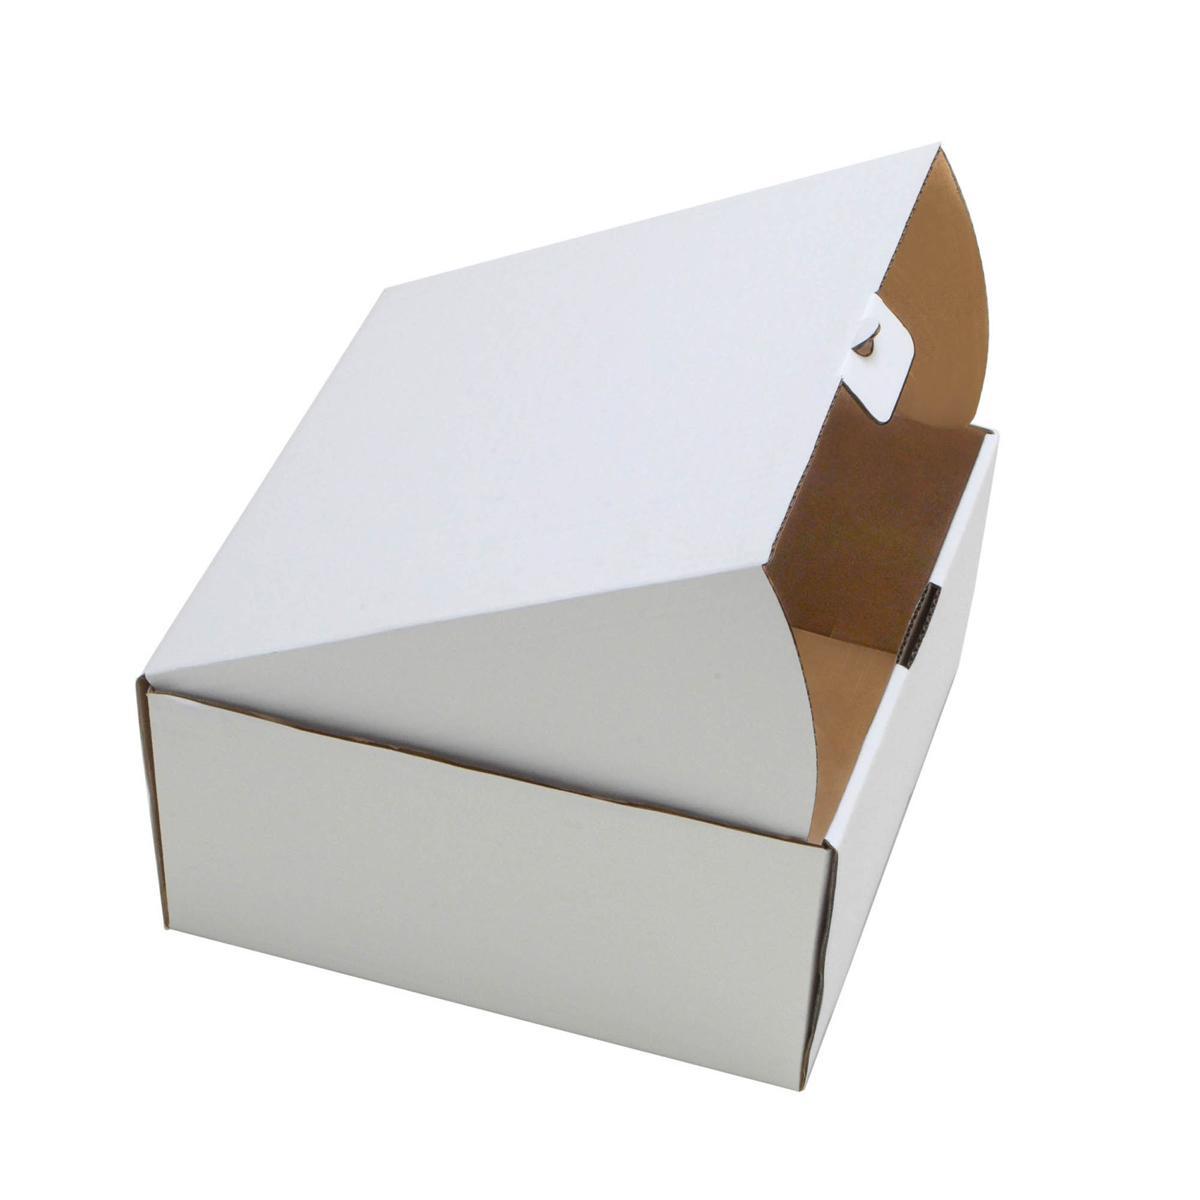 Caixa Para Bolo 30x30x15cm - Pacote com 10 unidades